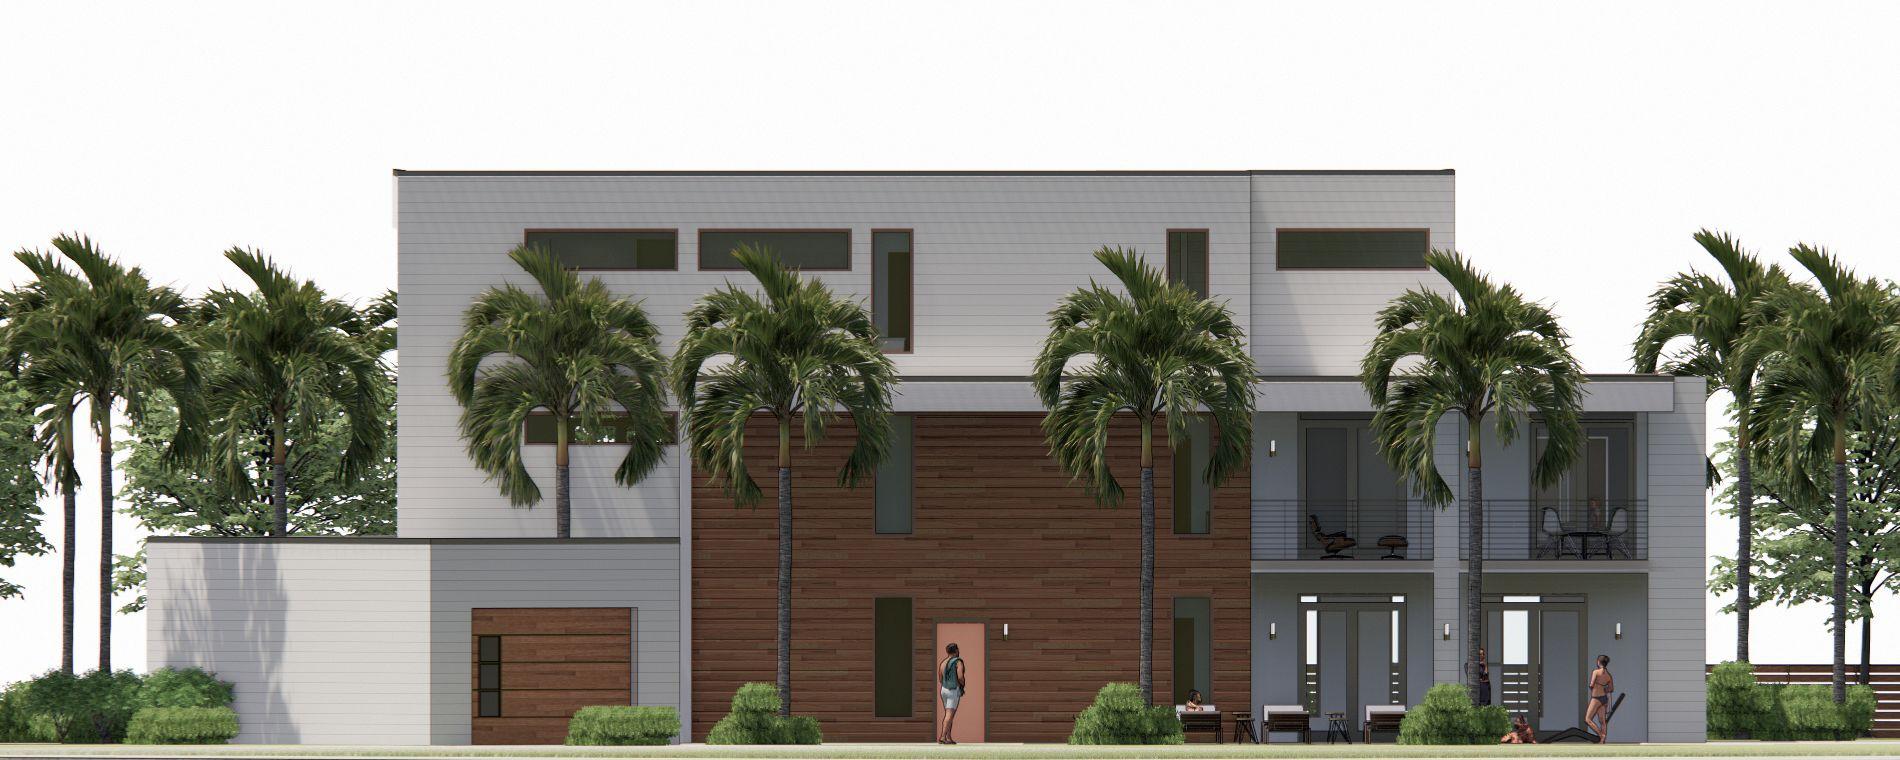 Hurst House Enscape_2020-12-20-16-27-59.jpg